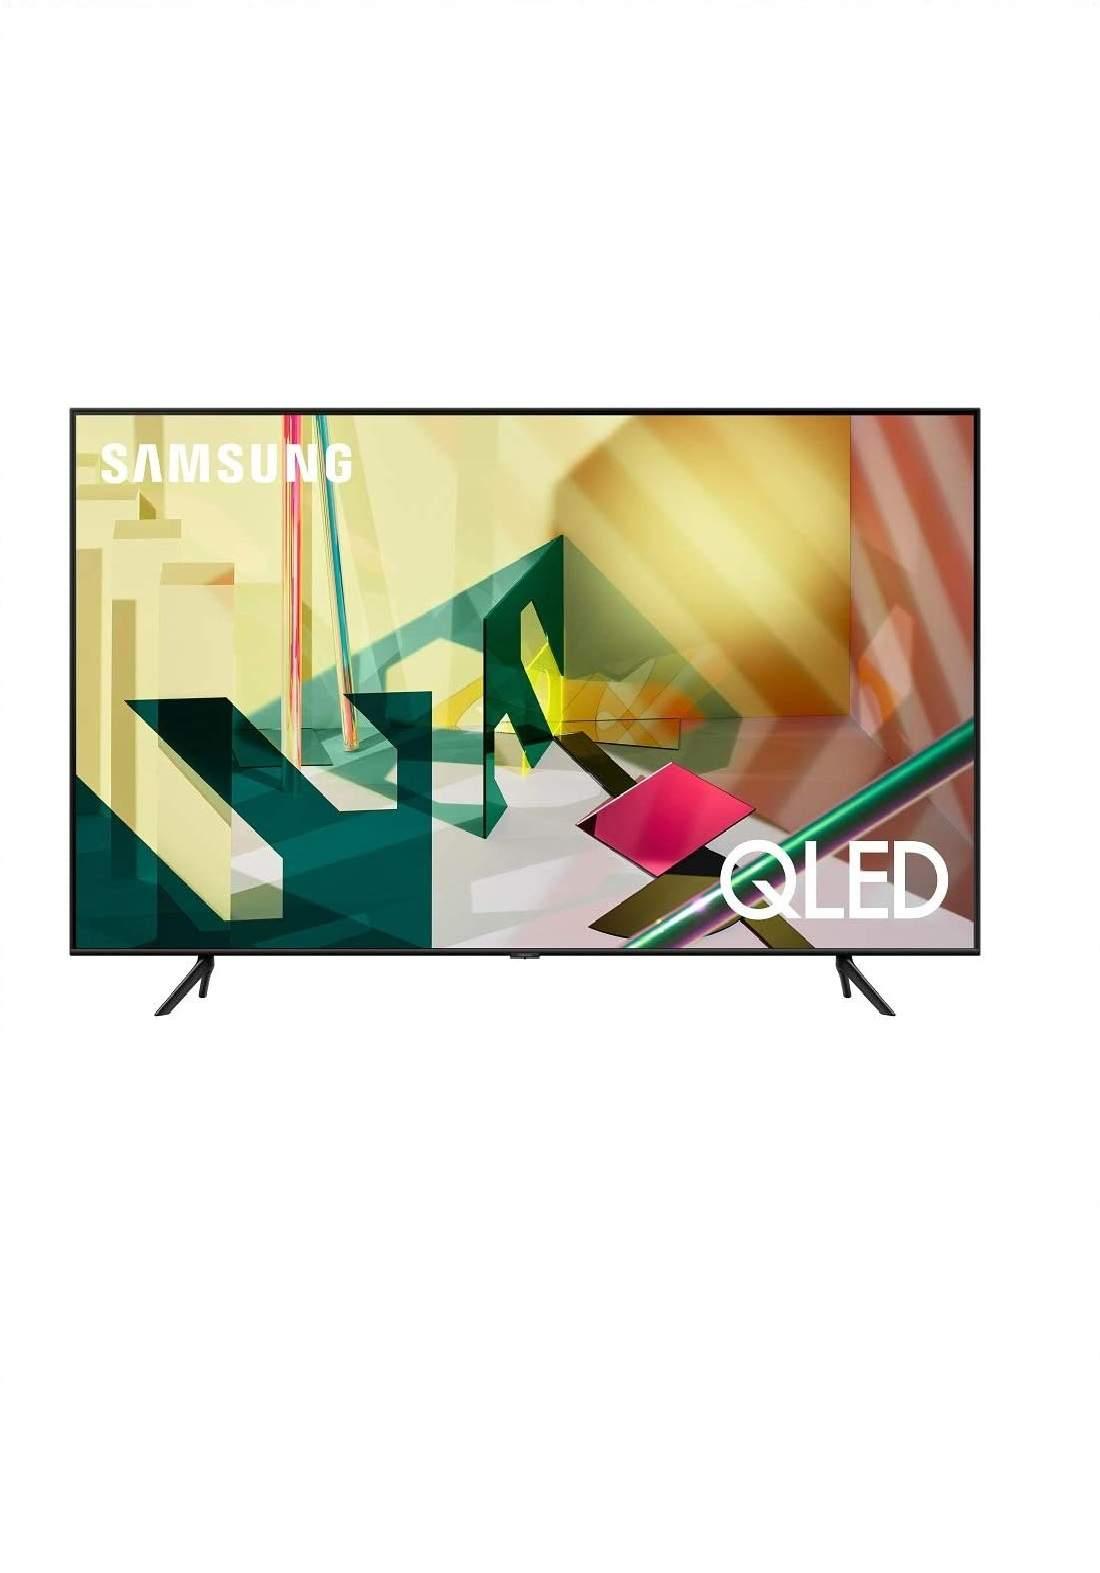 Samsung 75 QLED Q70T تلفزيون